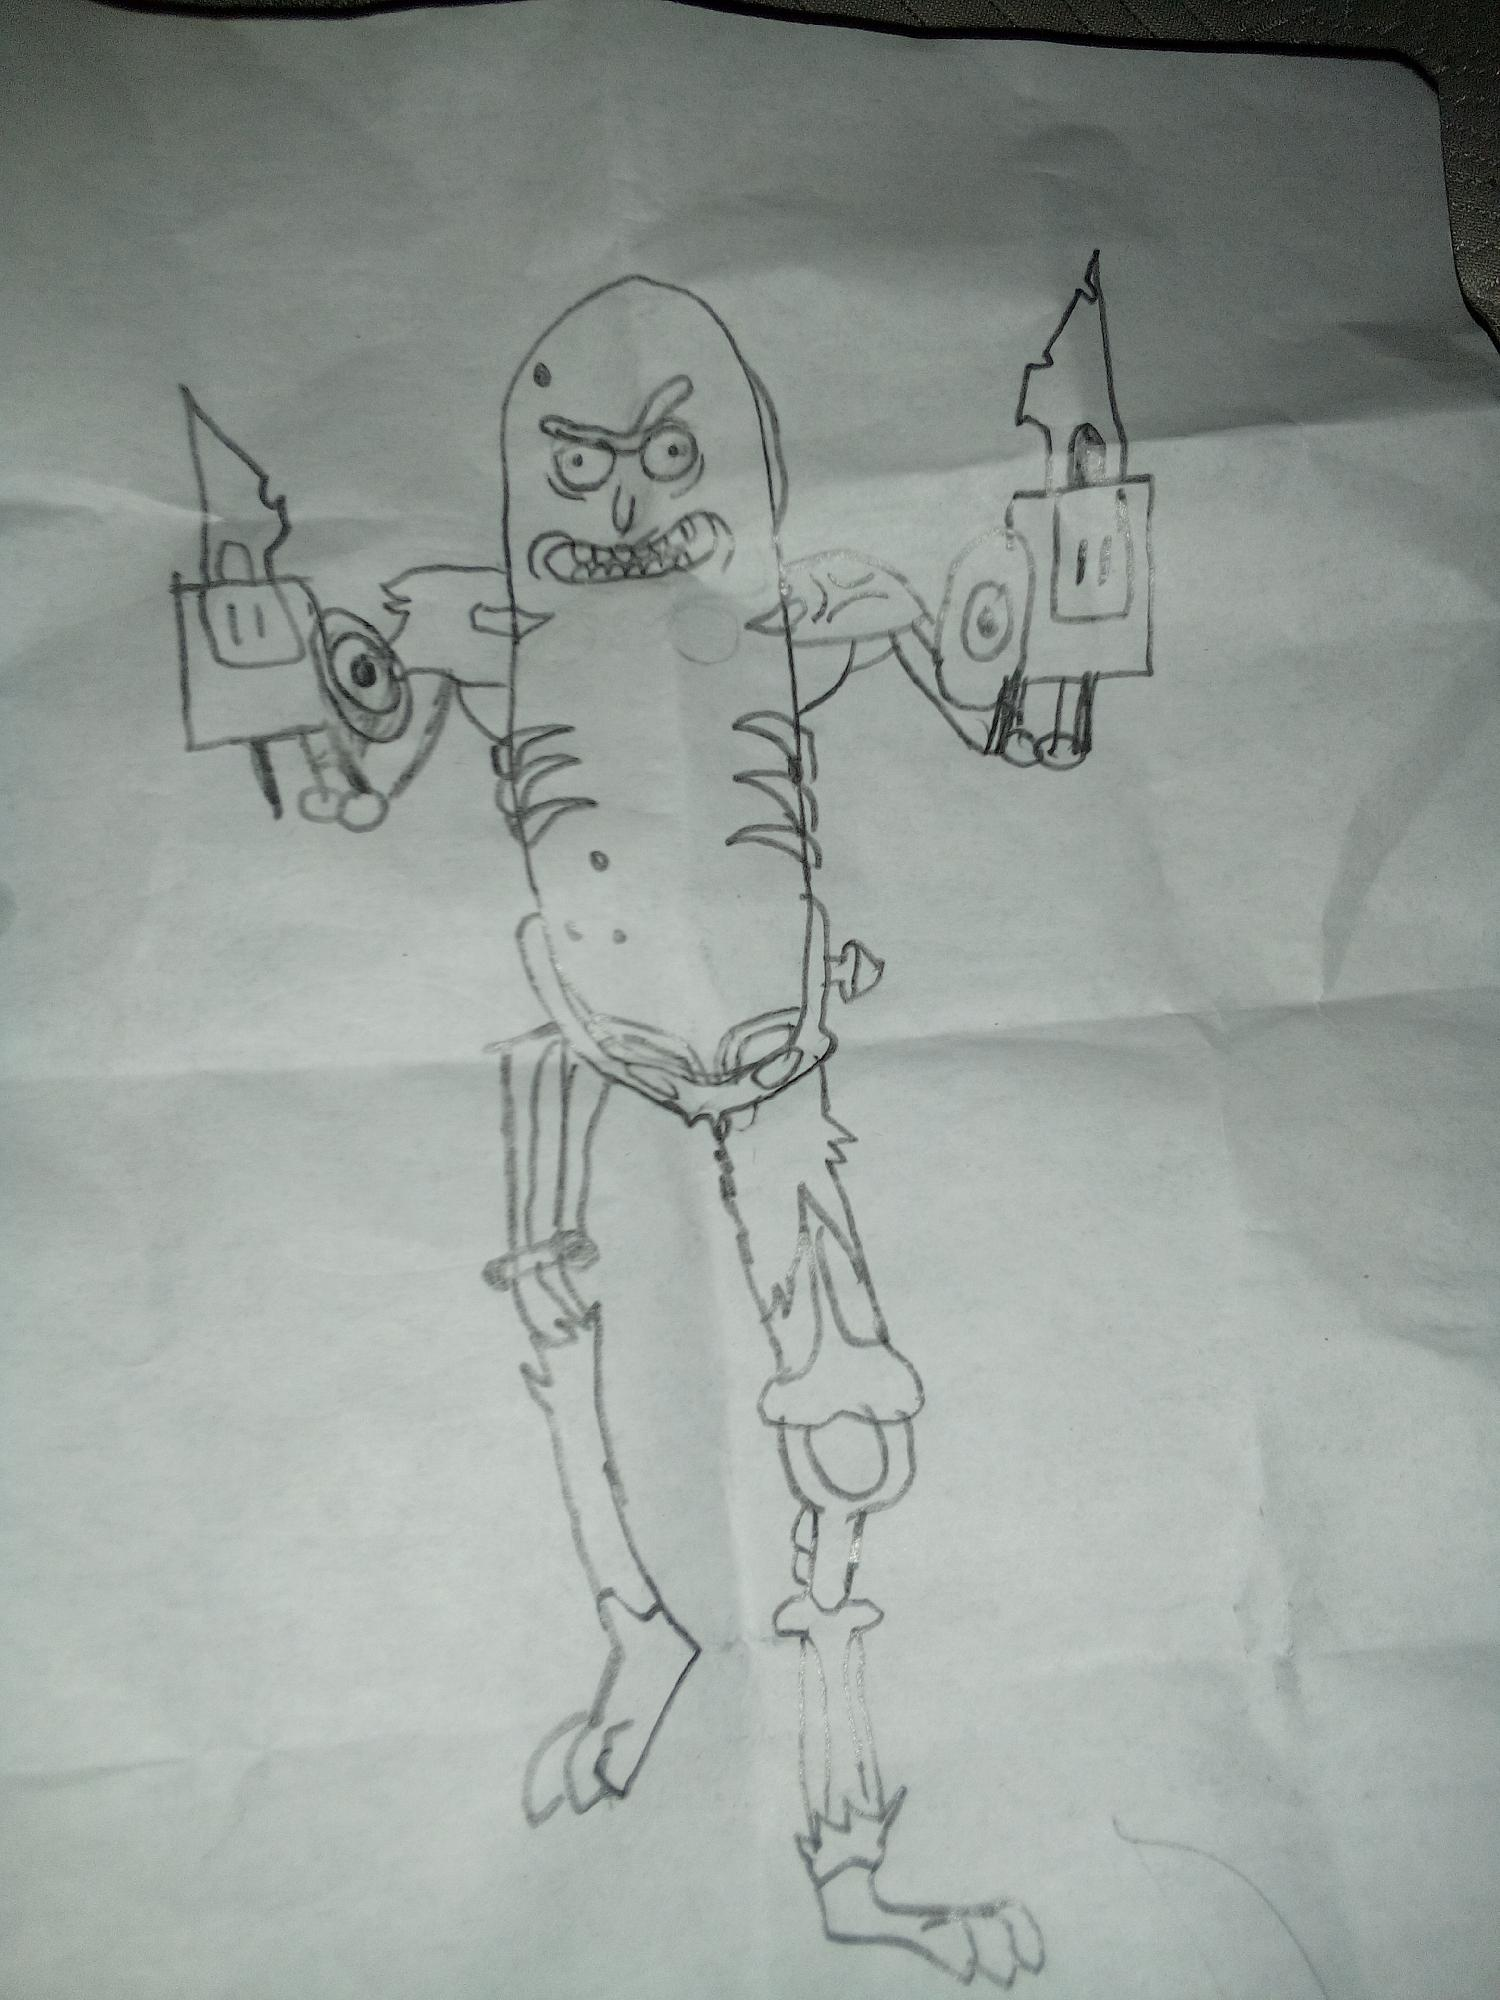 Mi dibujo y yo tengo 12 años